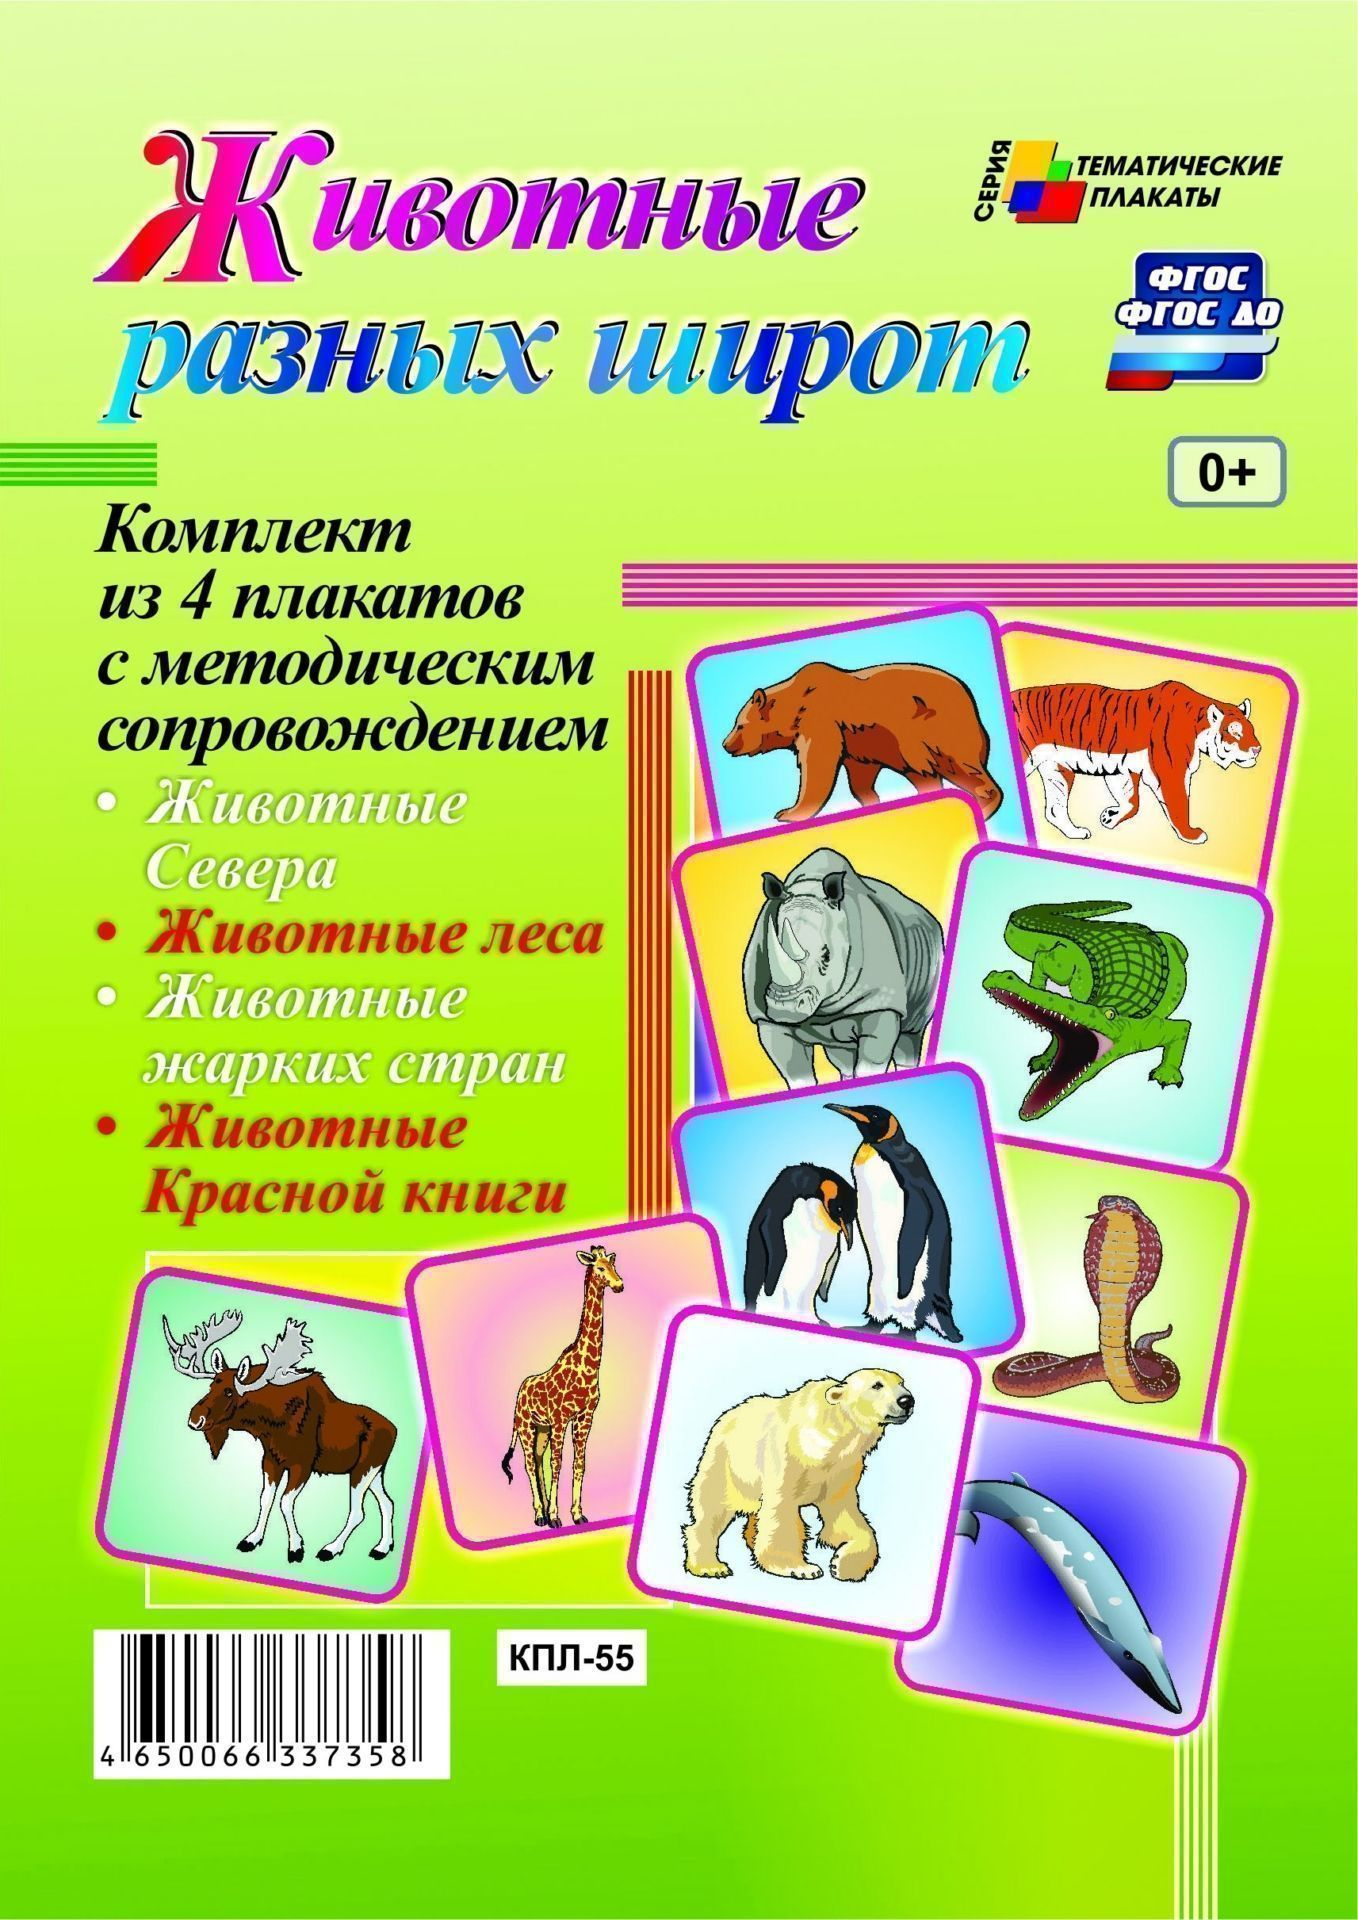 """Купить со скидкой Комплект плакатов """"Животные разных широт"""": 4 плаката с методическим сопровождением"""